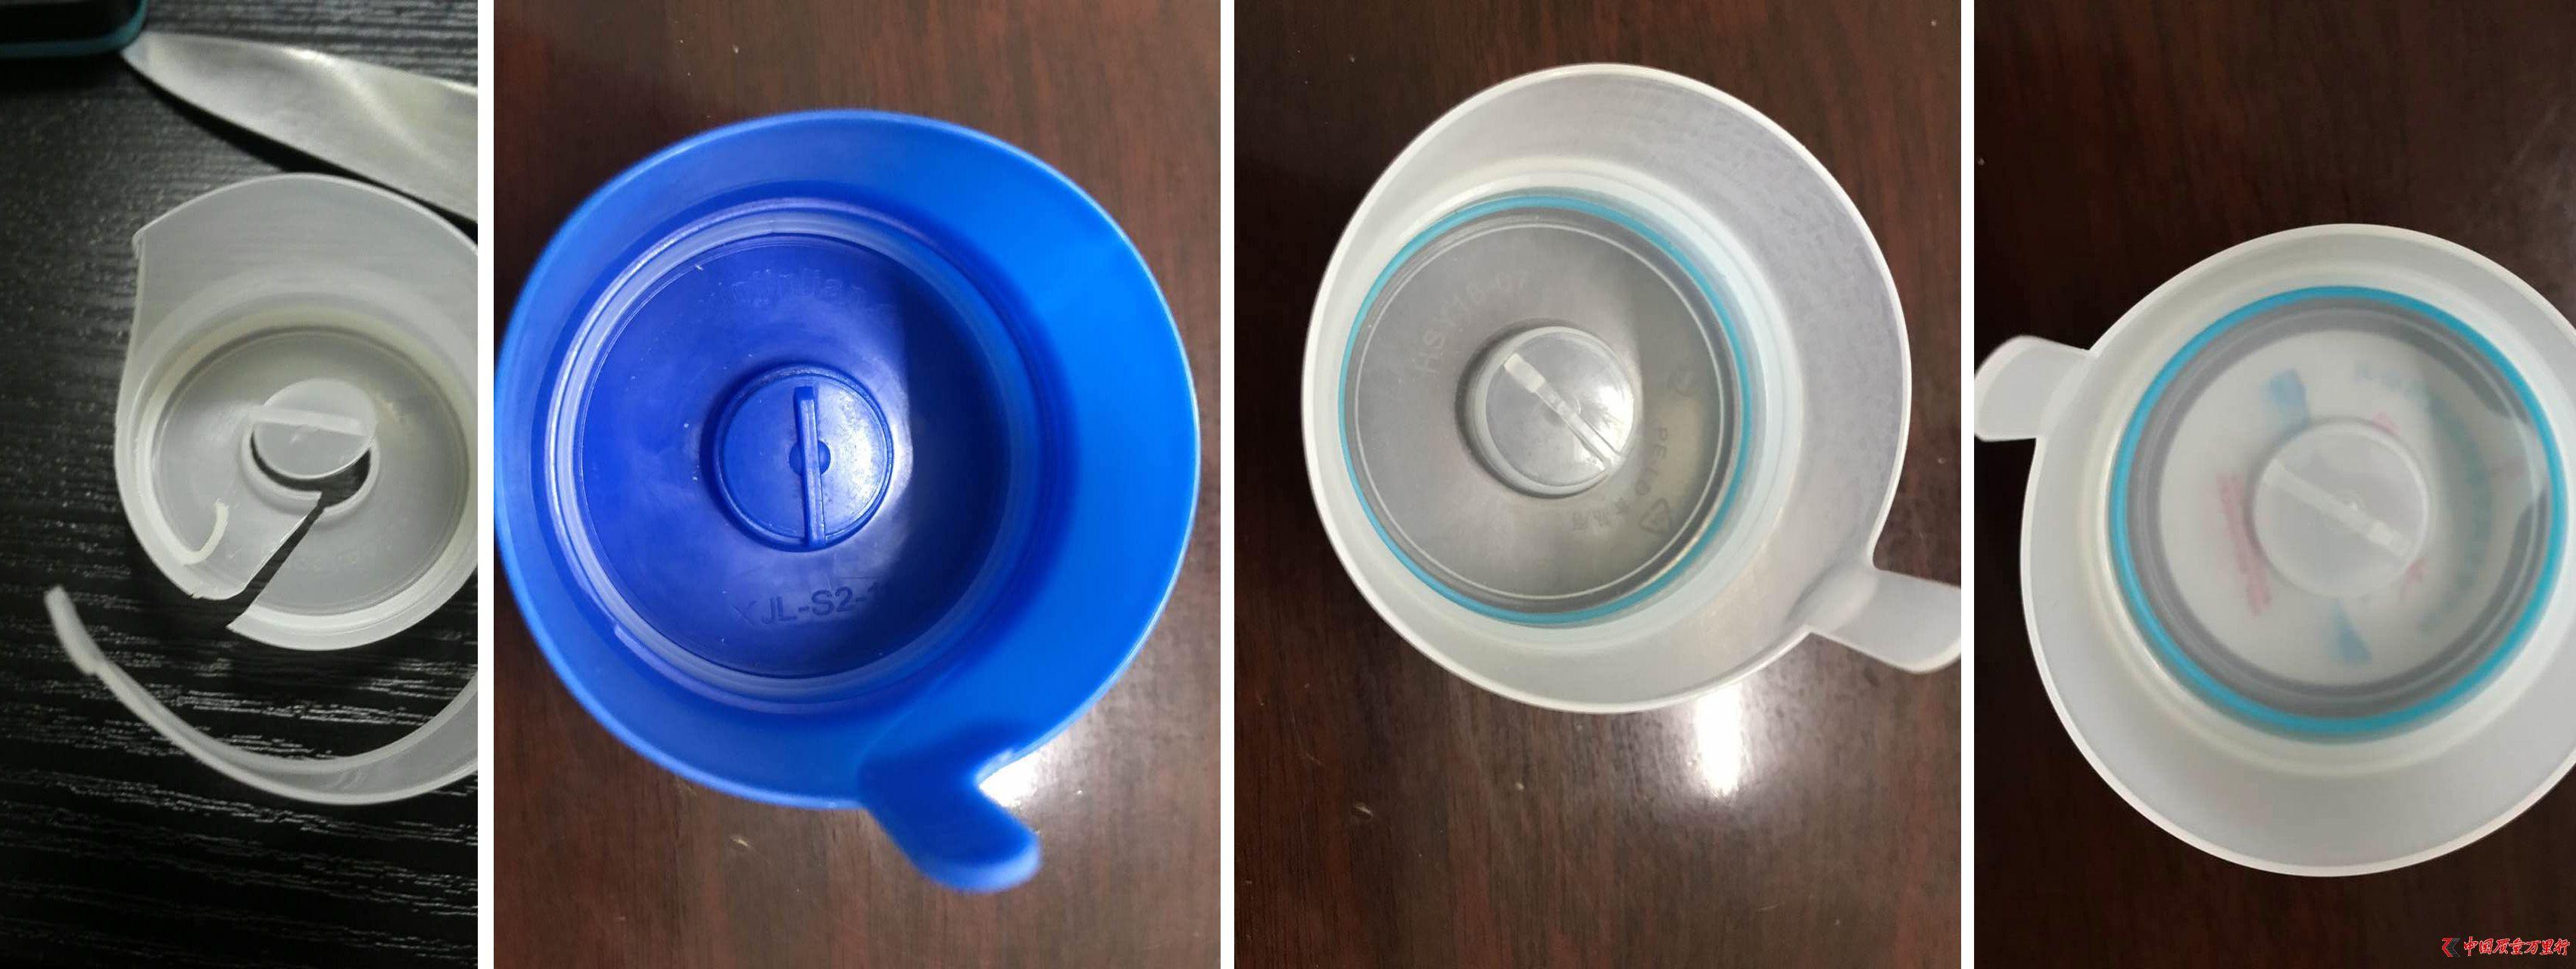 """新标出台 桶装水""""双物料盖""""被淘汰出局"""